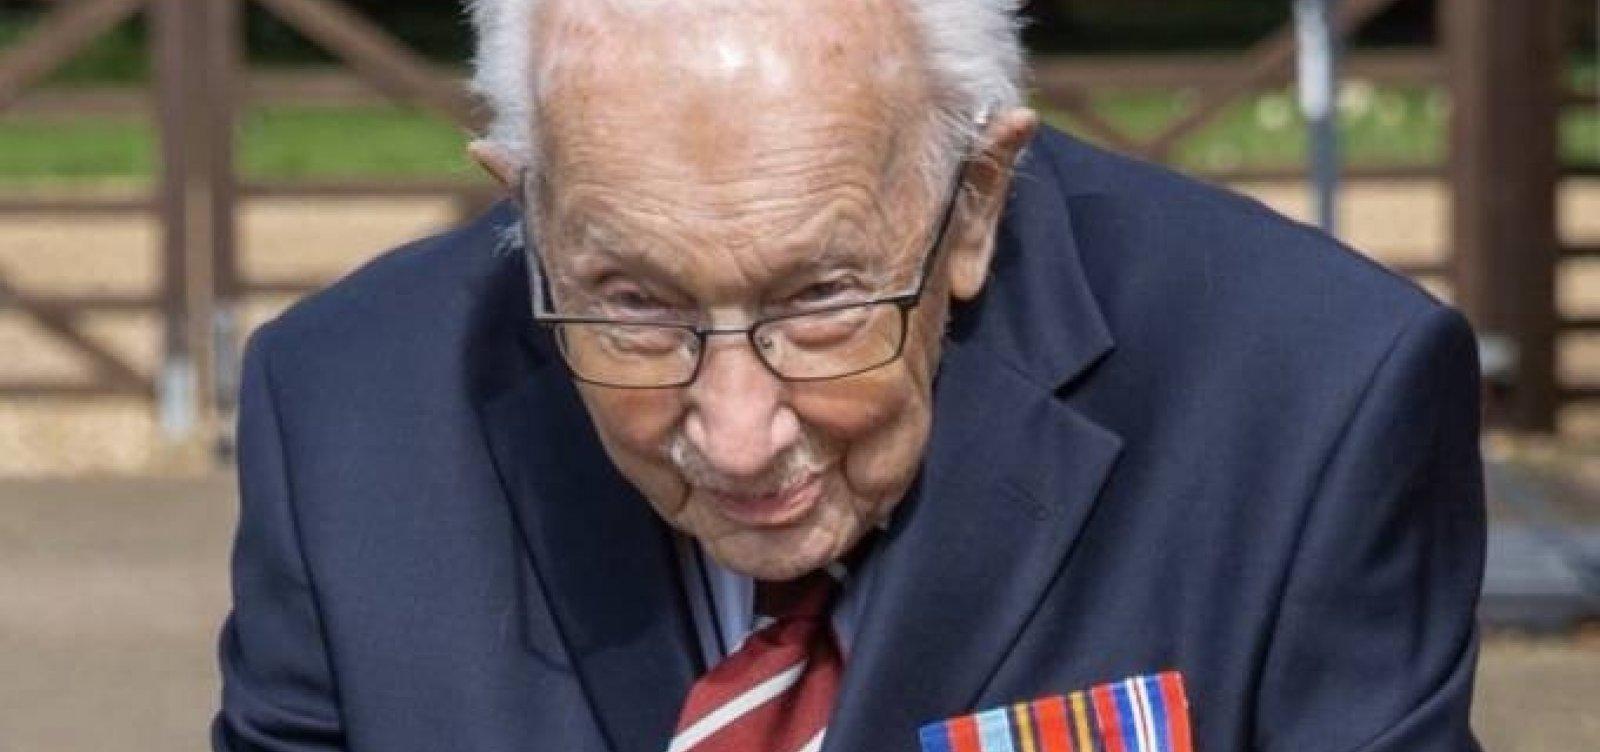 Morre por Covid-19 veterano da 2ª Guerra que arrecadou dinheiro para combate à pandemia